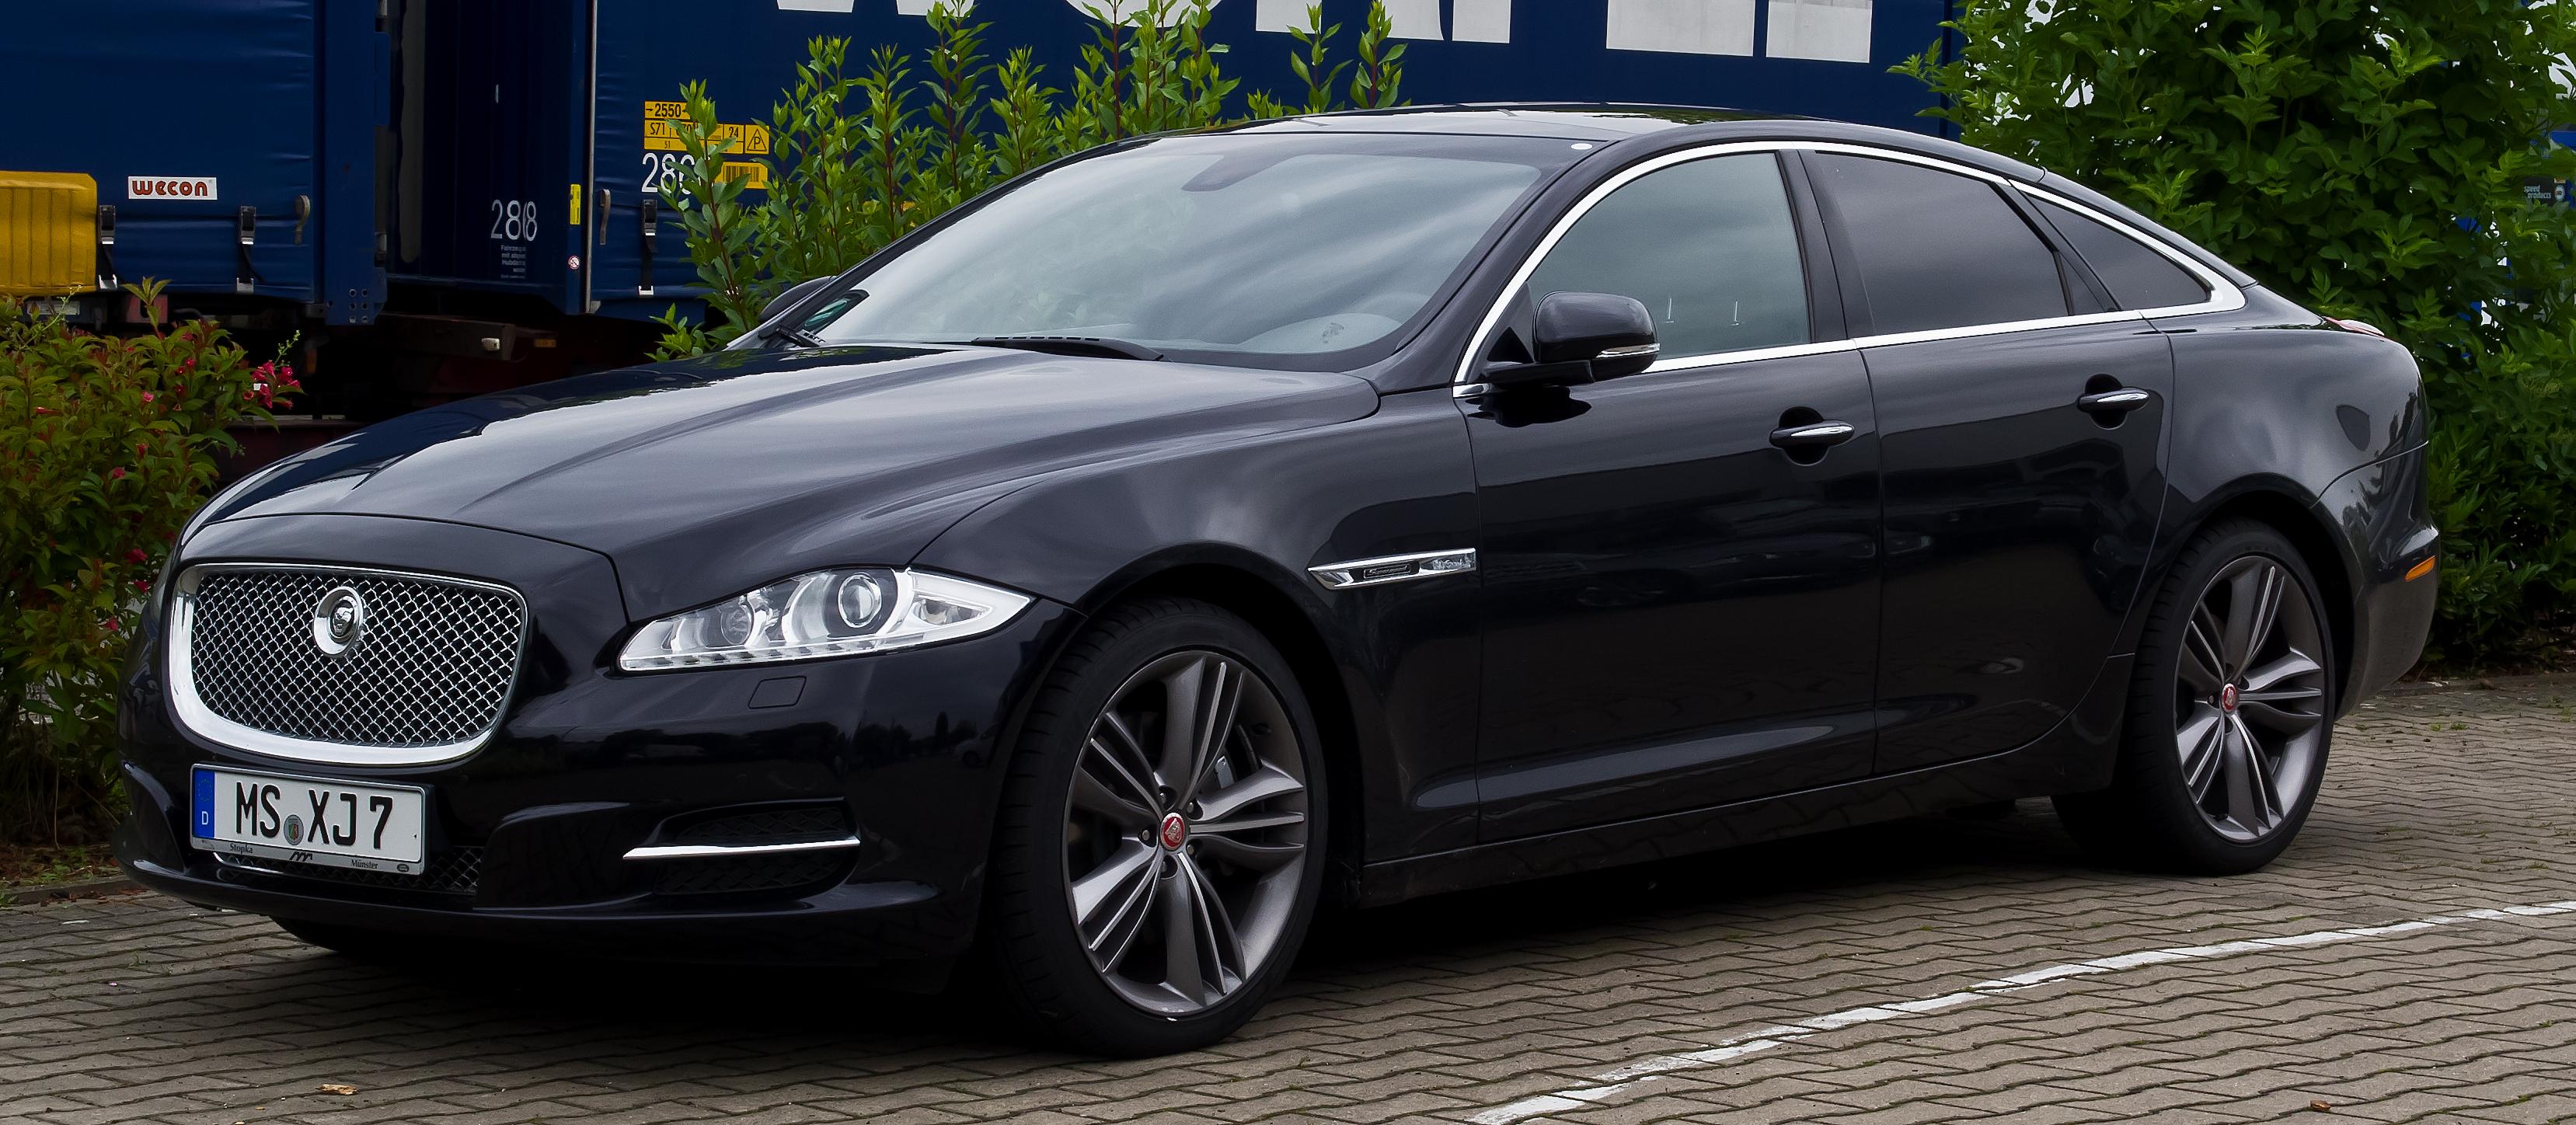 Amazing 2014 Jaguar XJR Long Wheelbase Pictures & Backgrounds